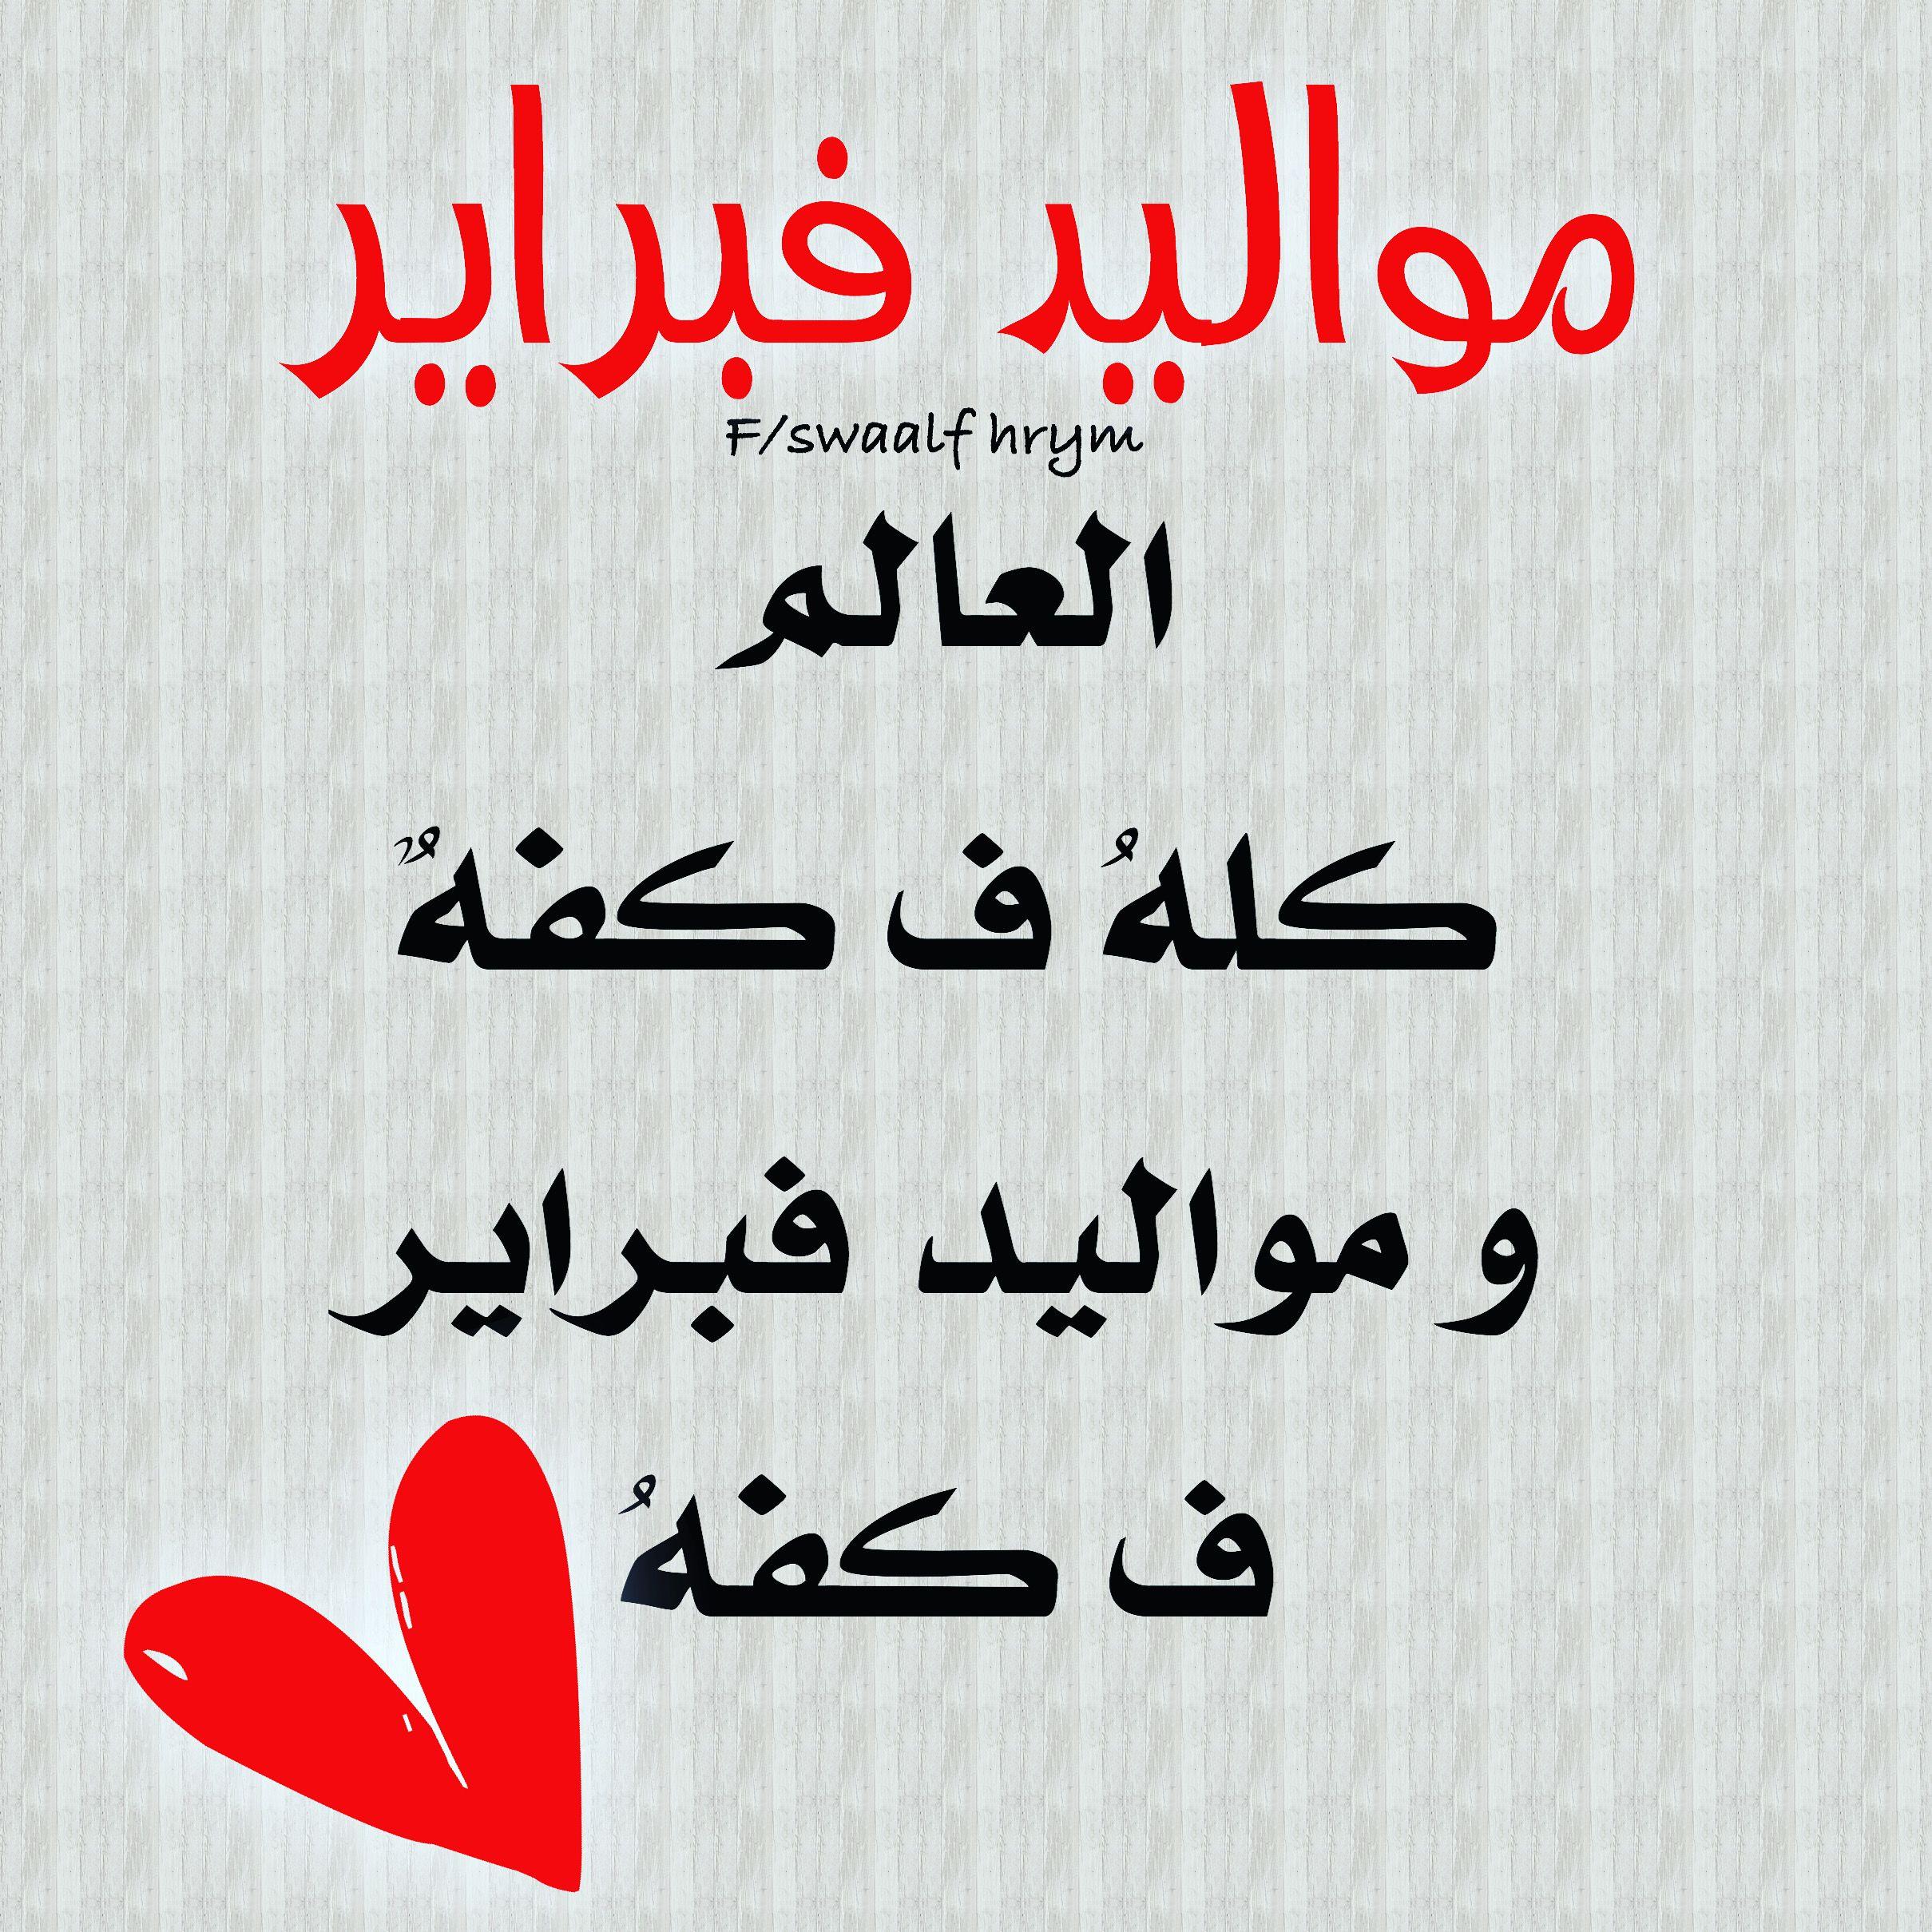 هابي بيرث داي Arabic Calligraphy Calligraphy Arabic